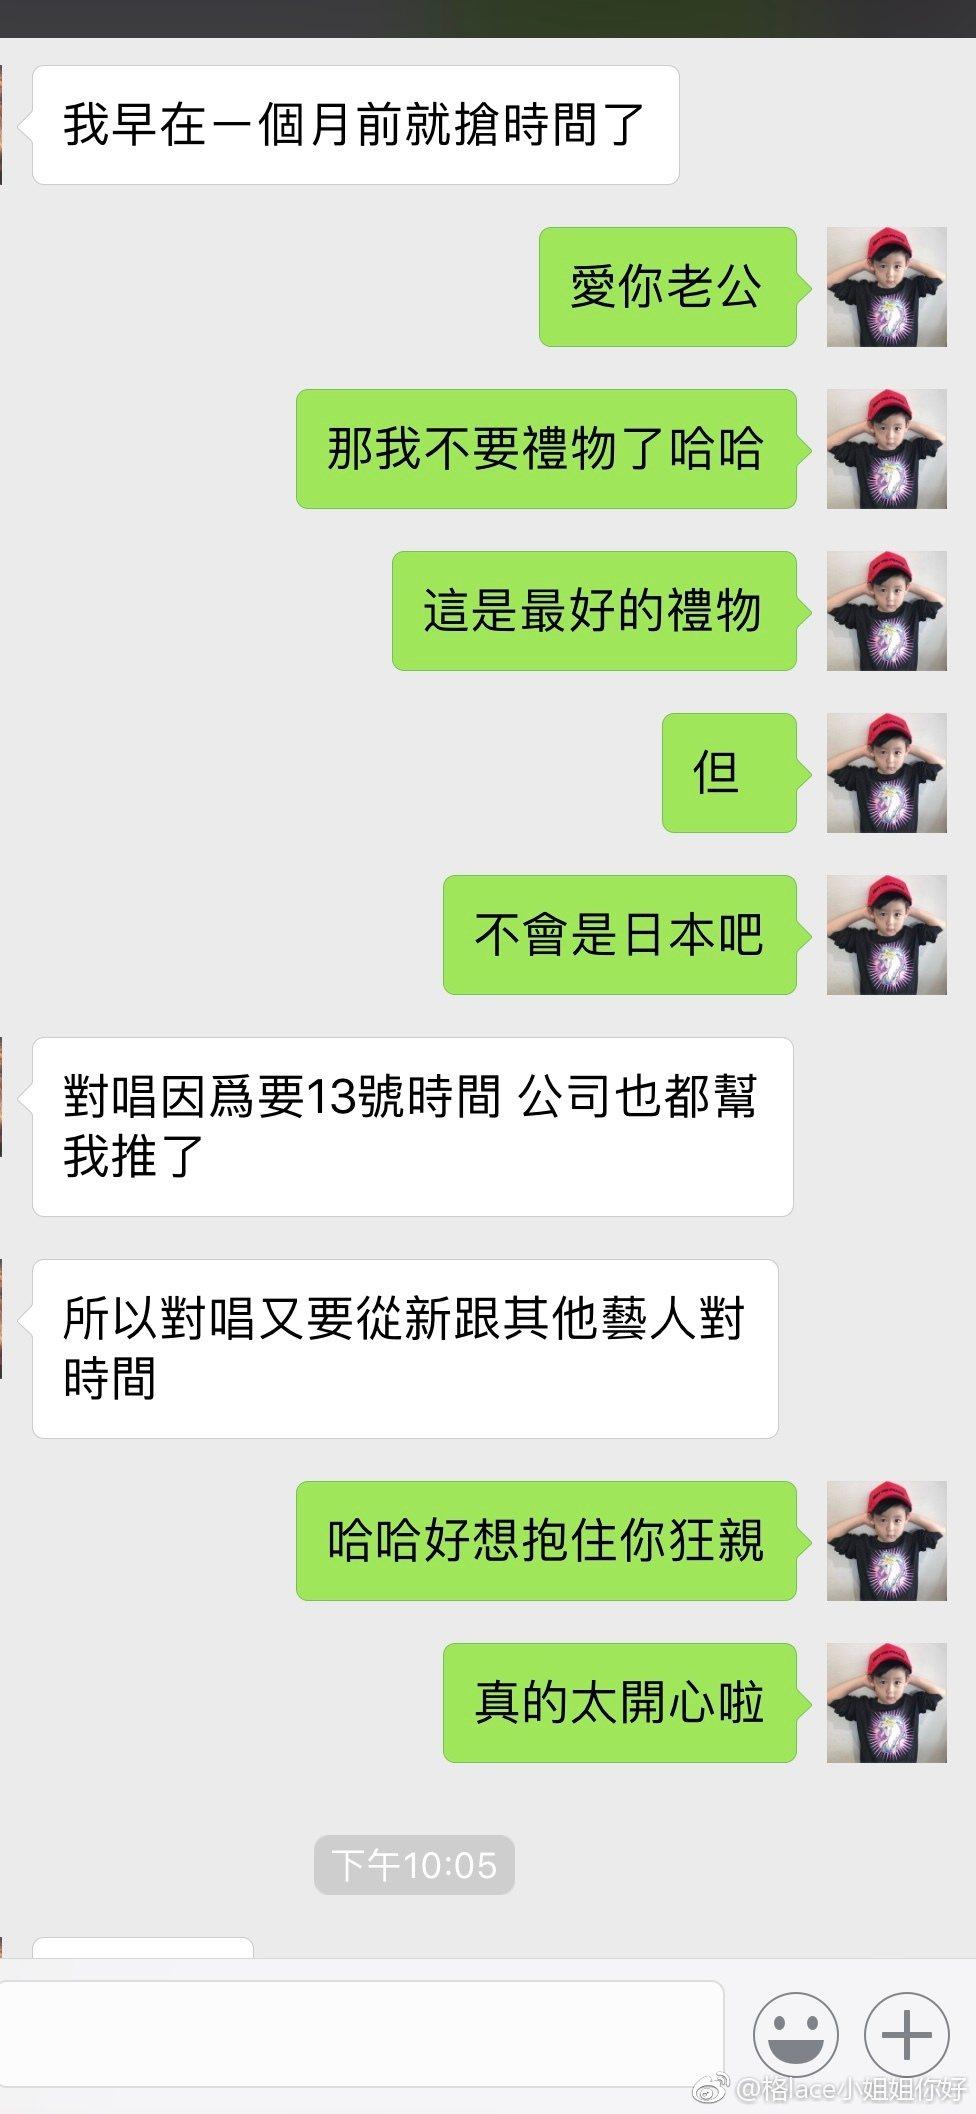 羅志祥曾在周揚青生日時,排開工作就為帶她出國慶生。 圖/擷自微博